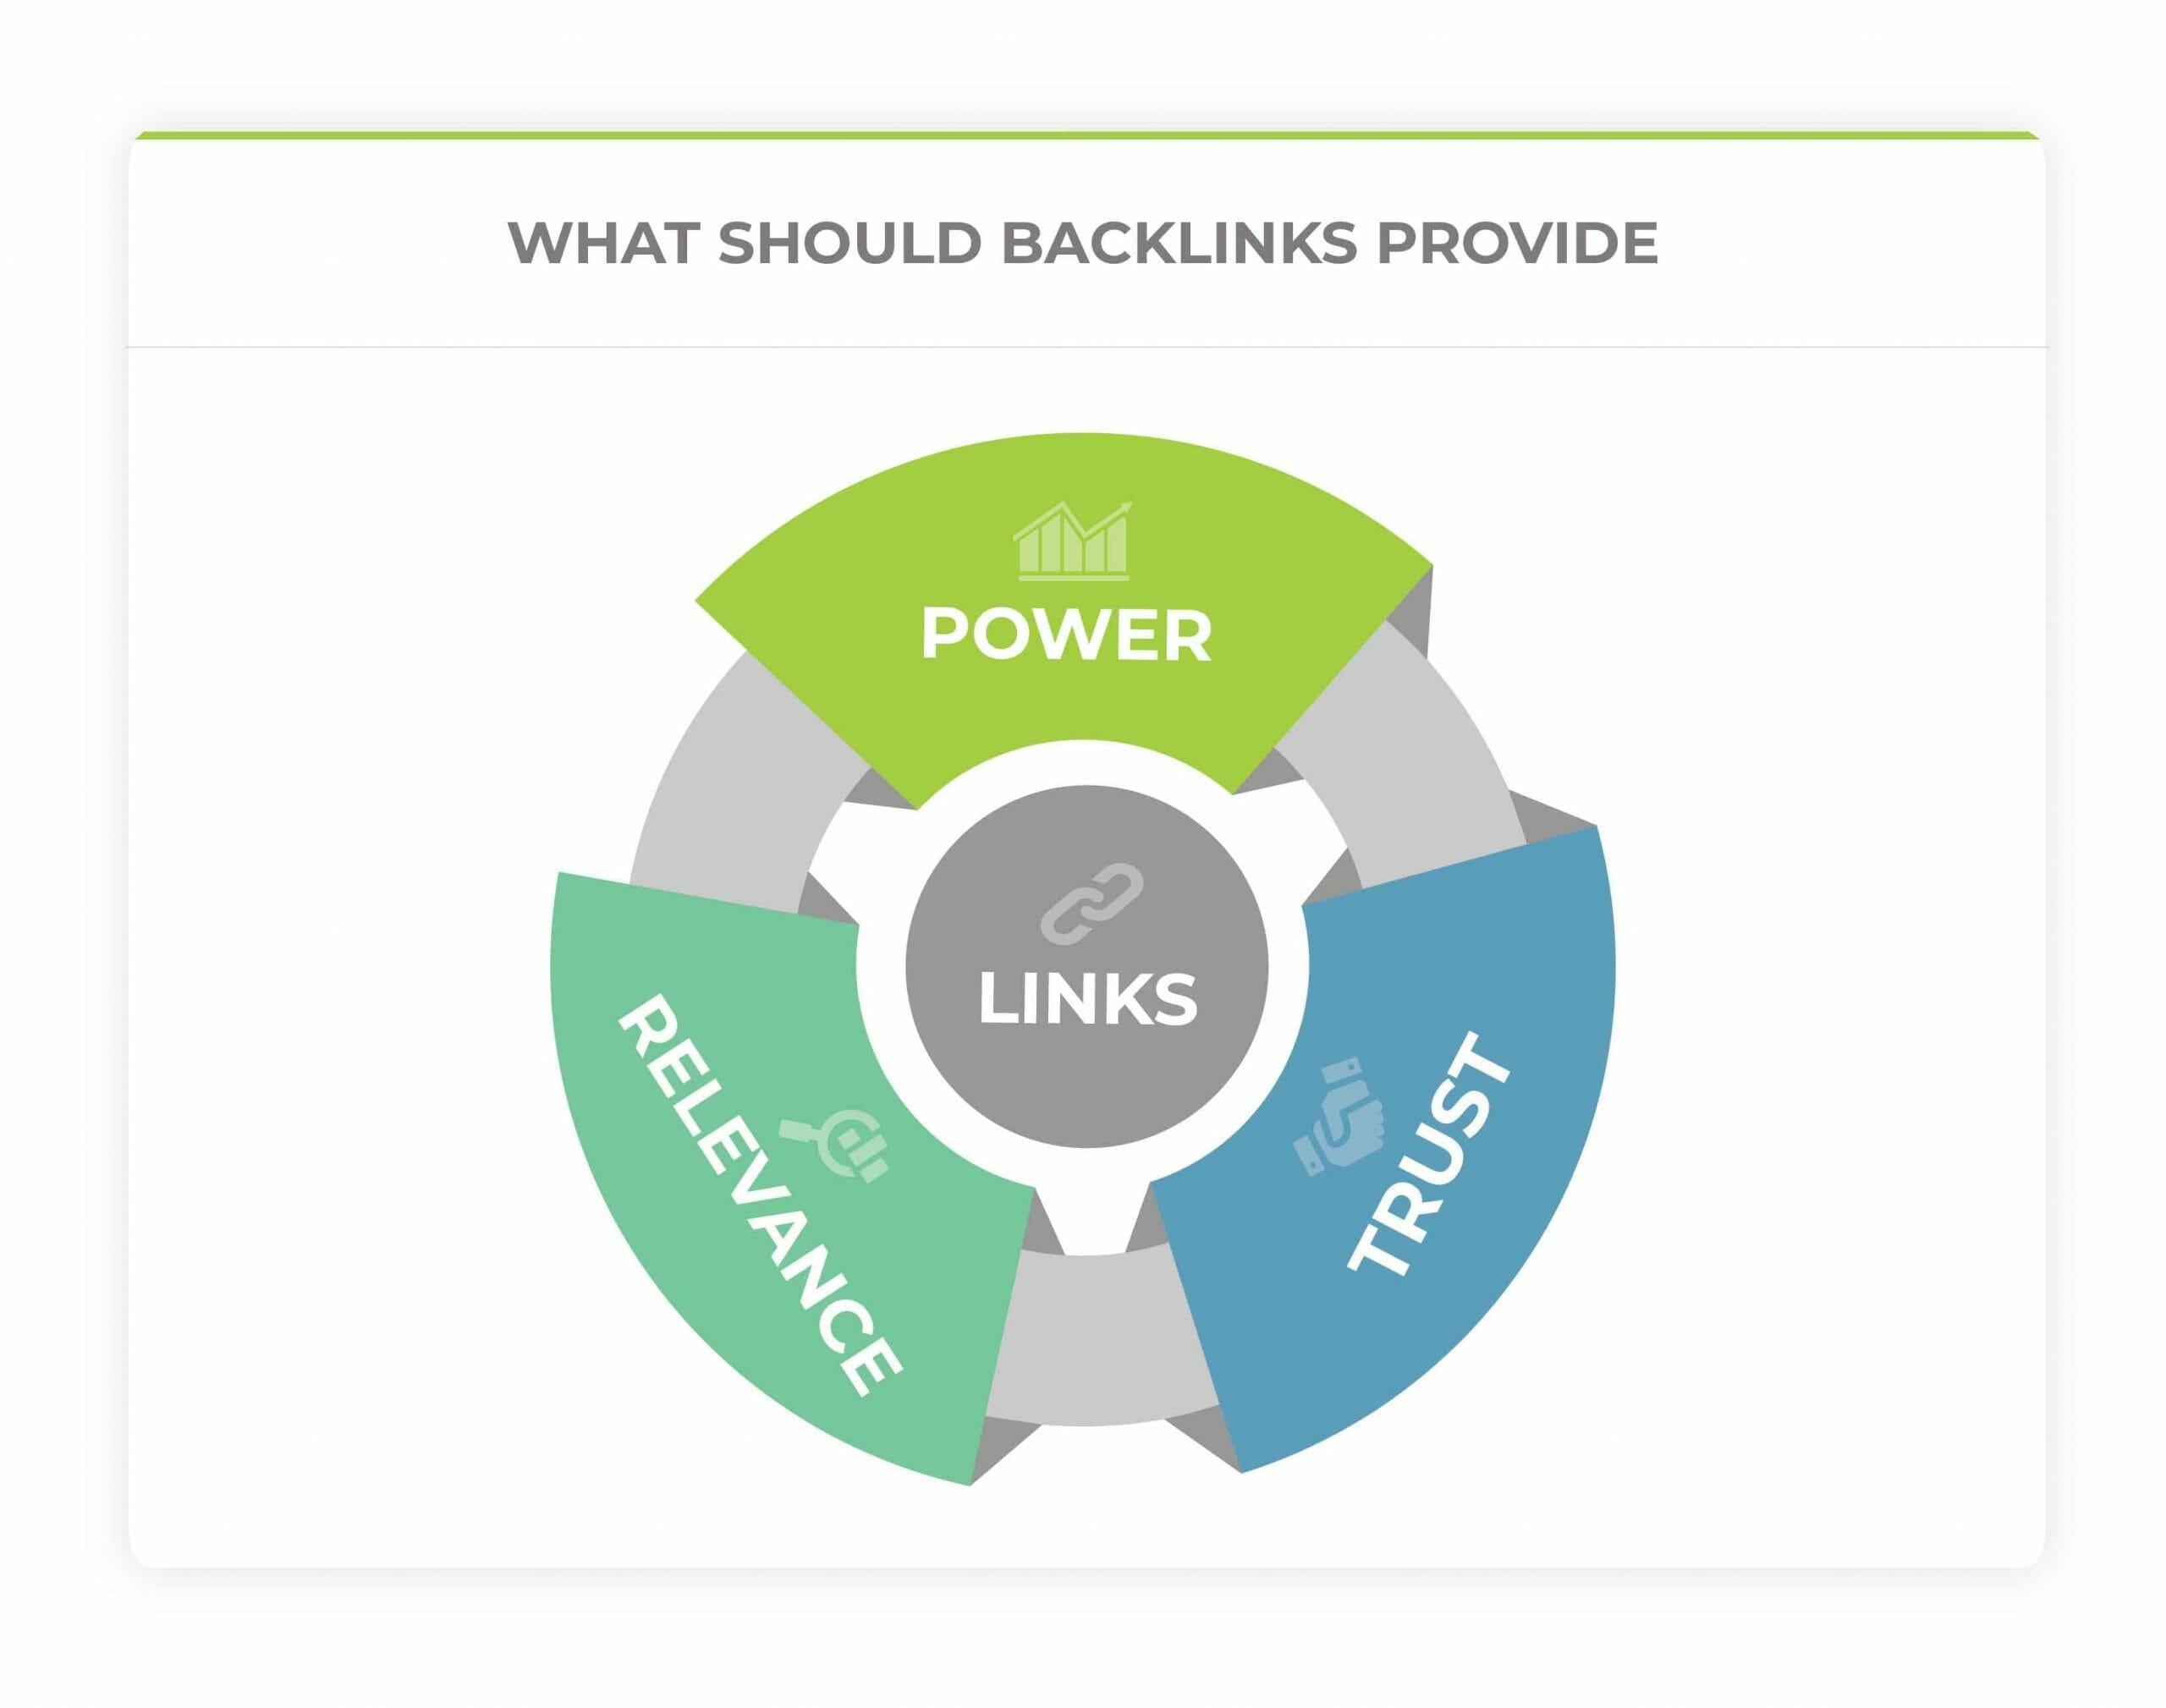 what should backlinks provide